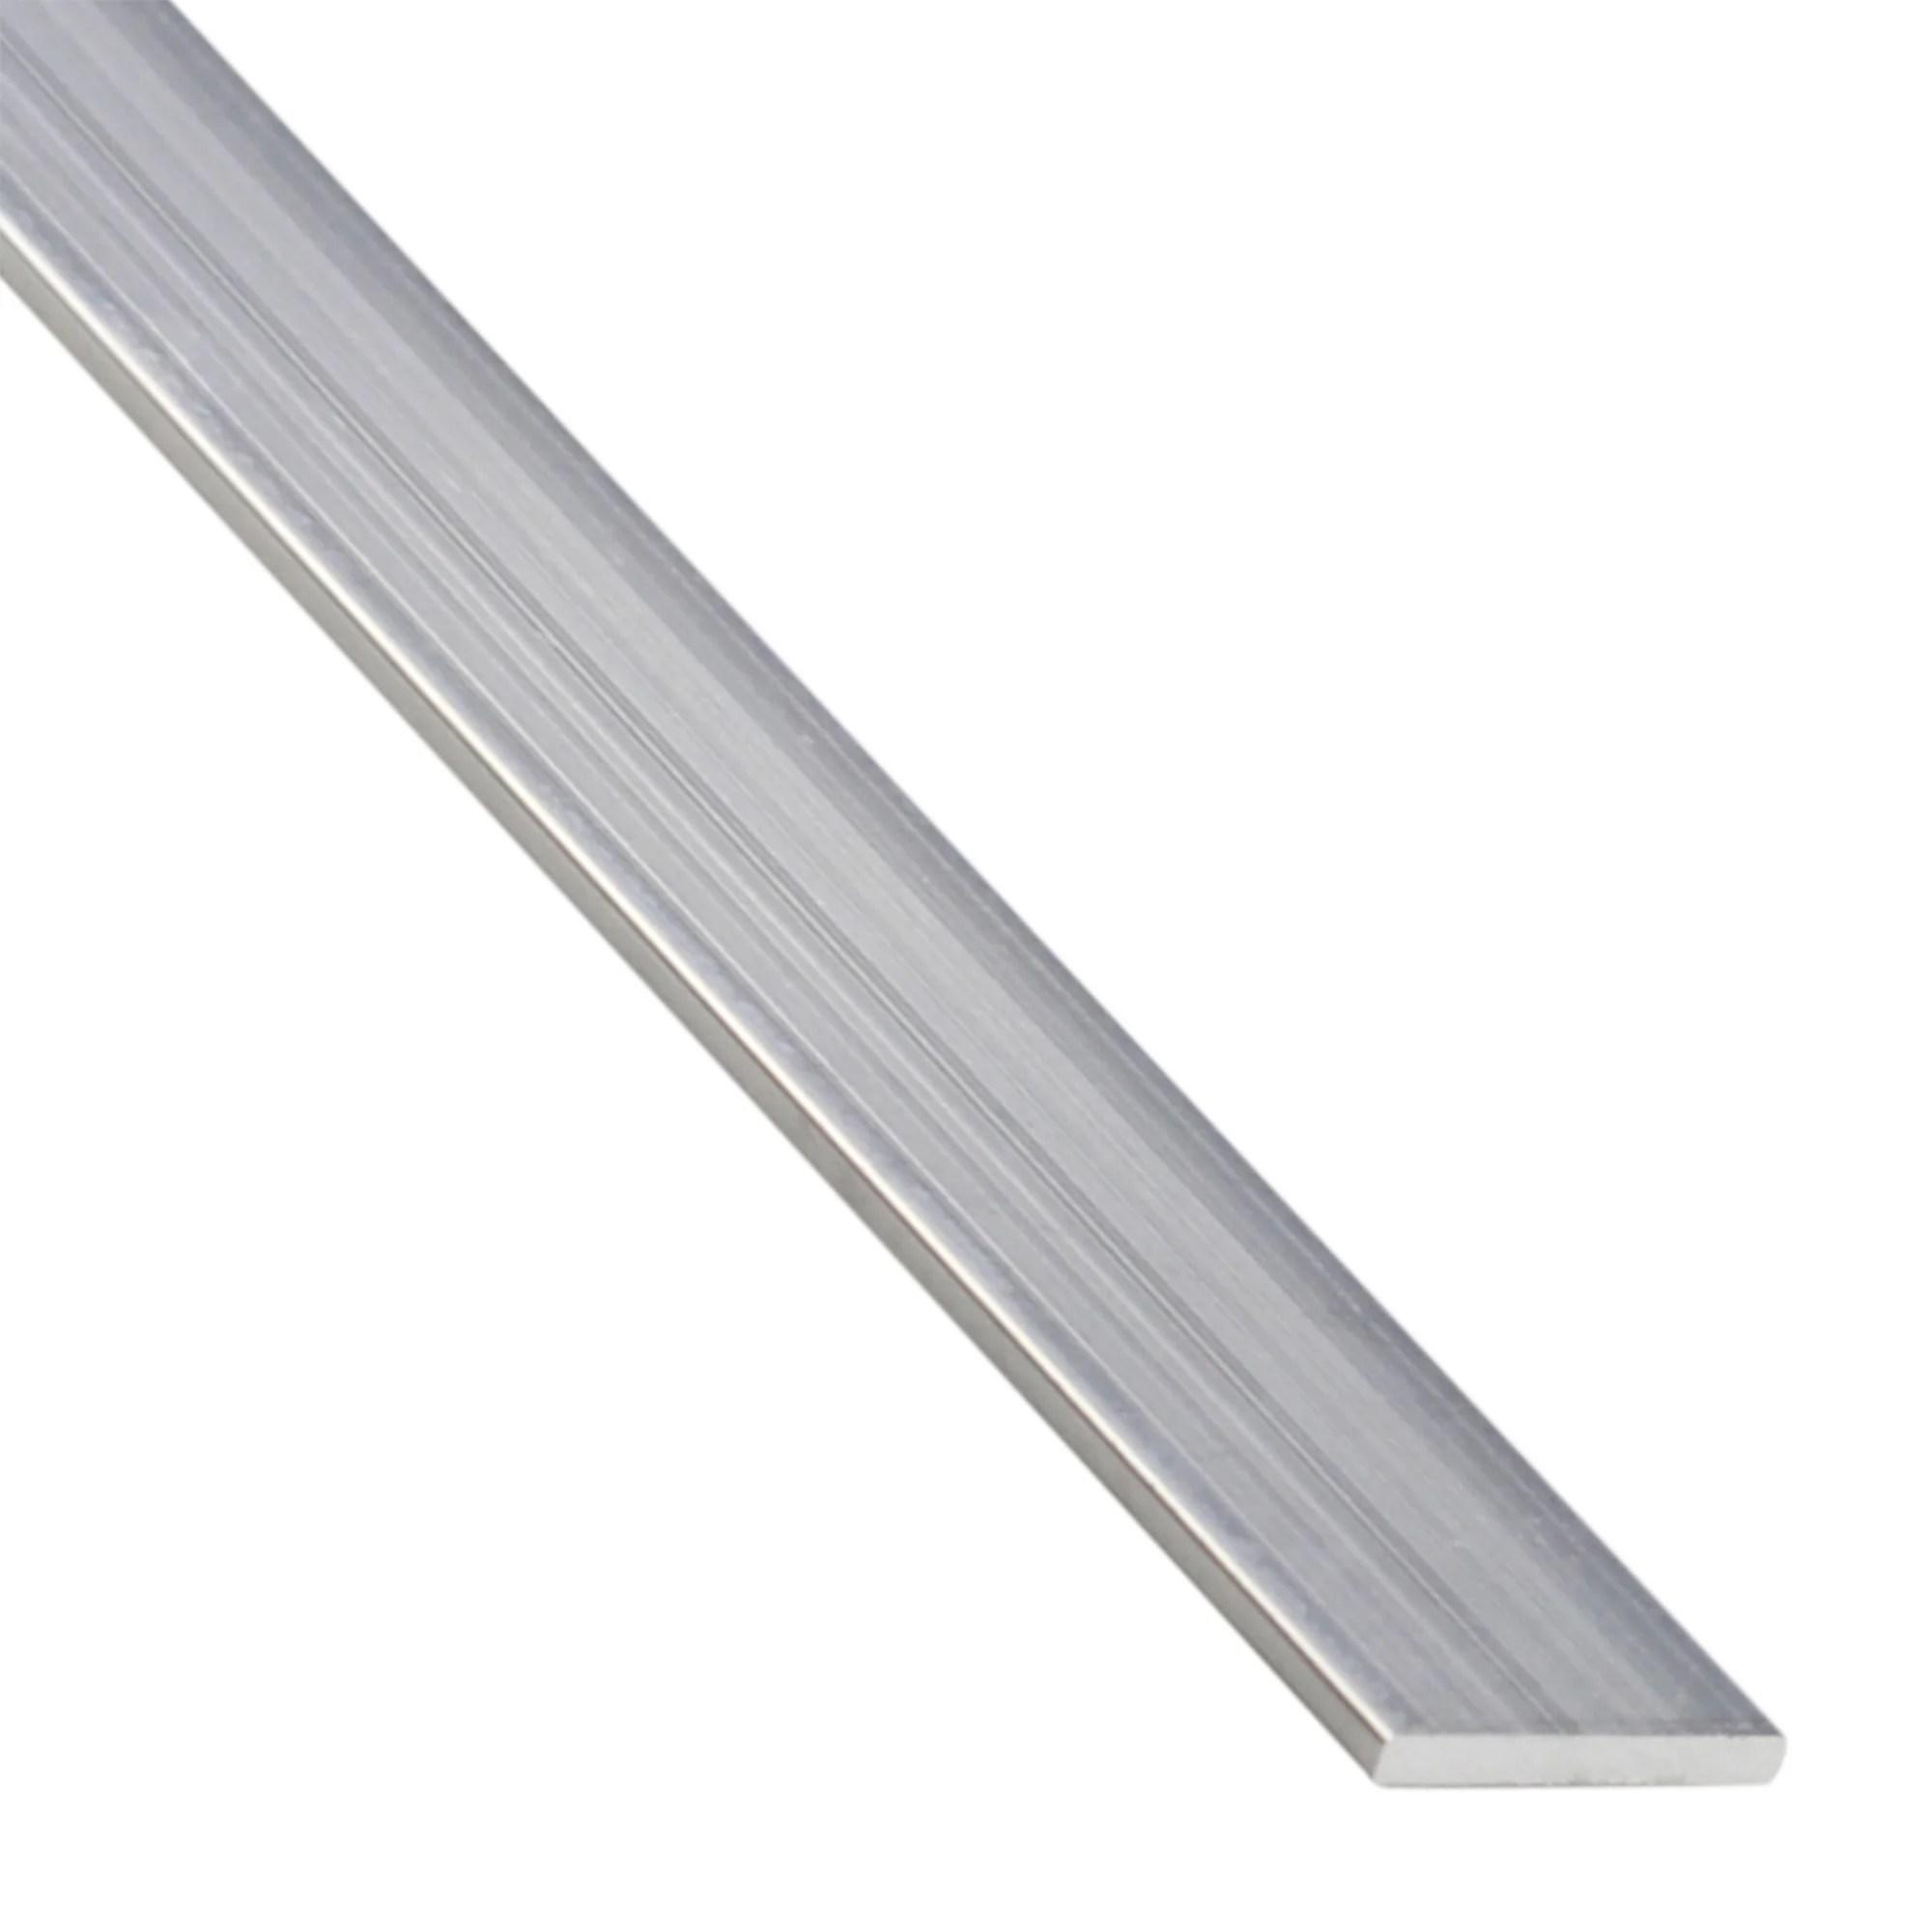 Plat Aluminium Brut Gris L 1 M X L 0 5 Cm X H 0 2 Cm Leroy Merlin